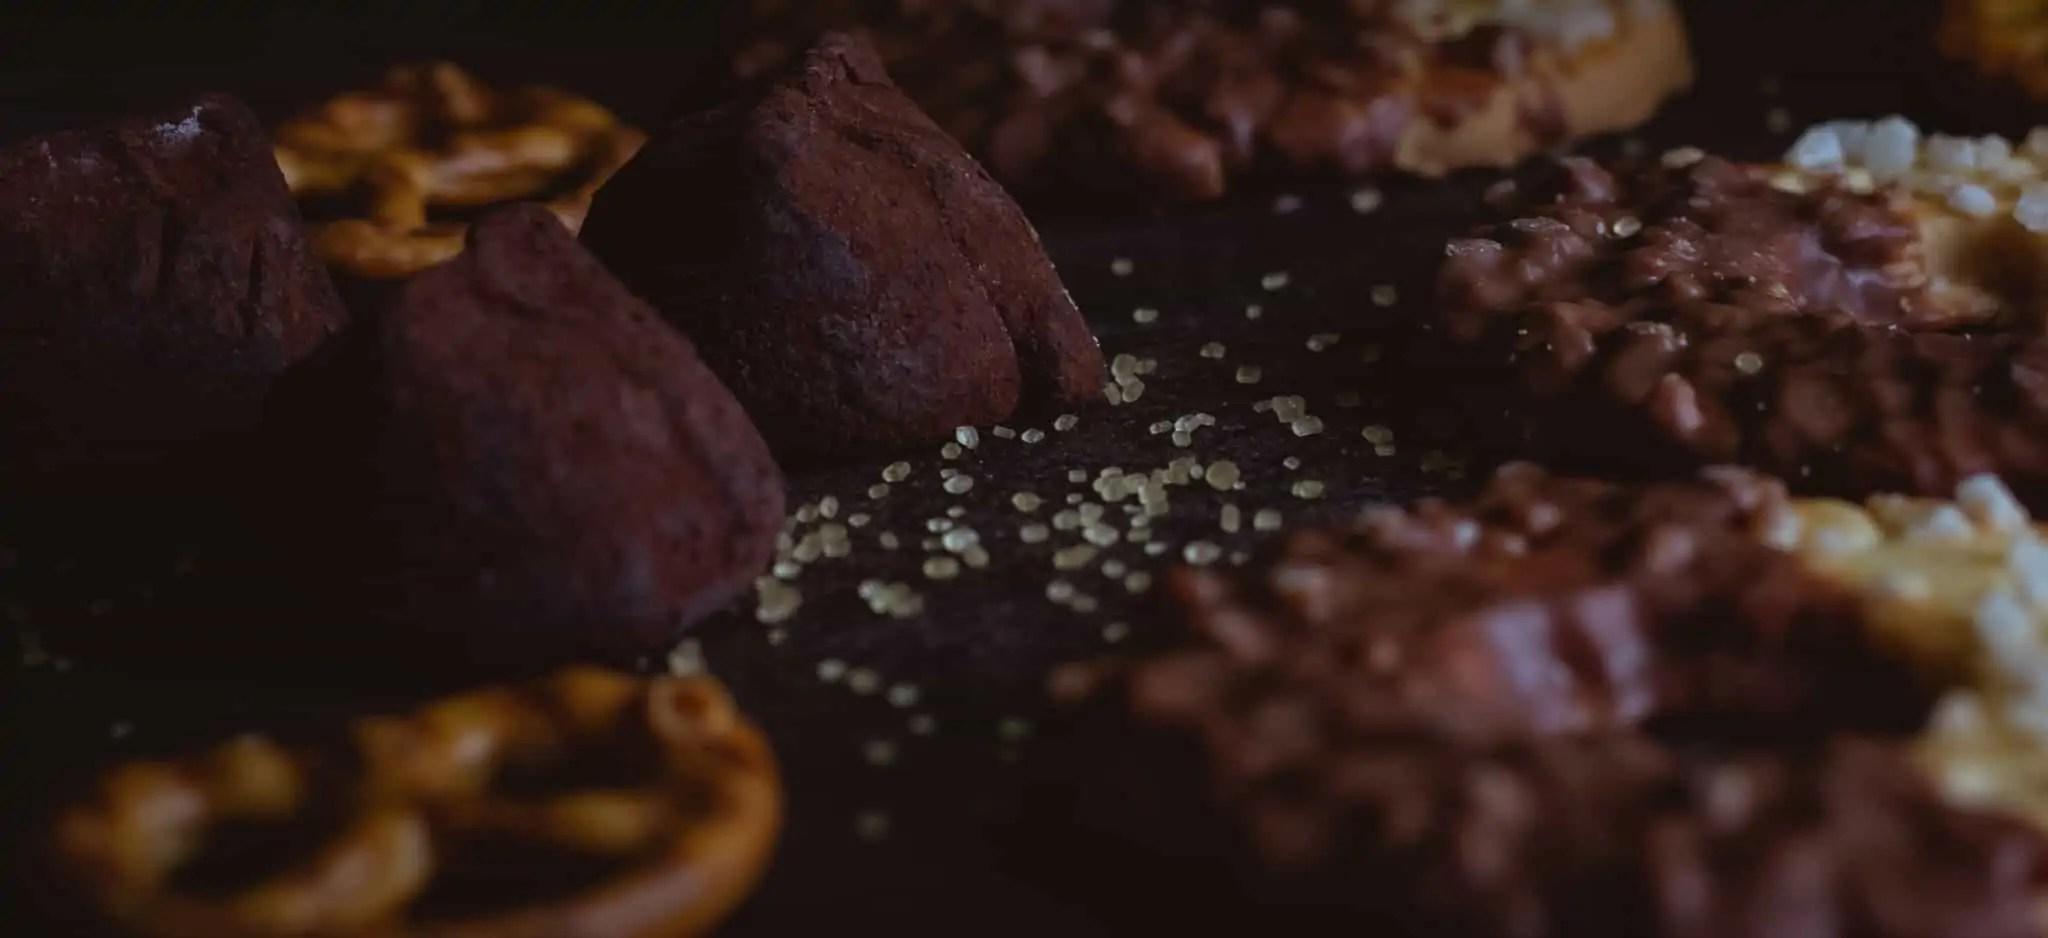 Czarna fotografia jedzenia czekolada precelki i ciastka 10 scaled - Czarna fotografia jedzenia